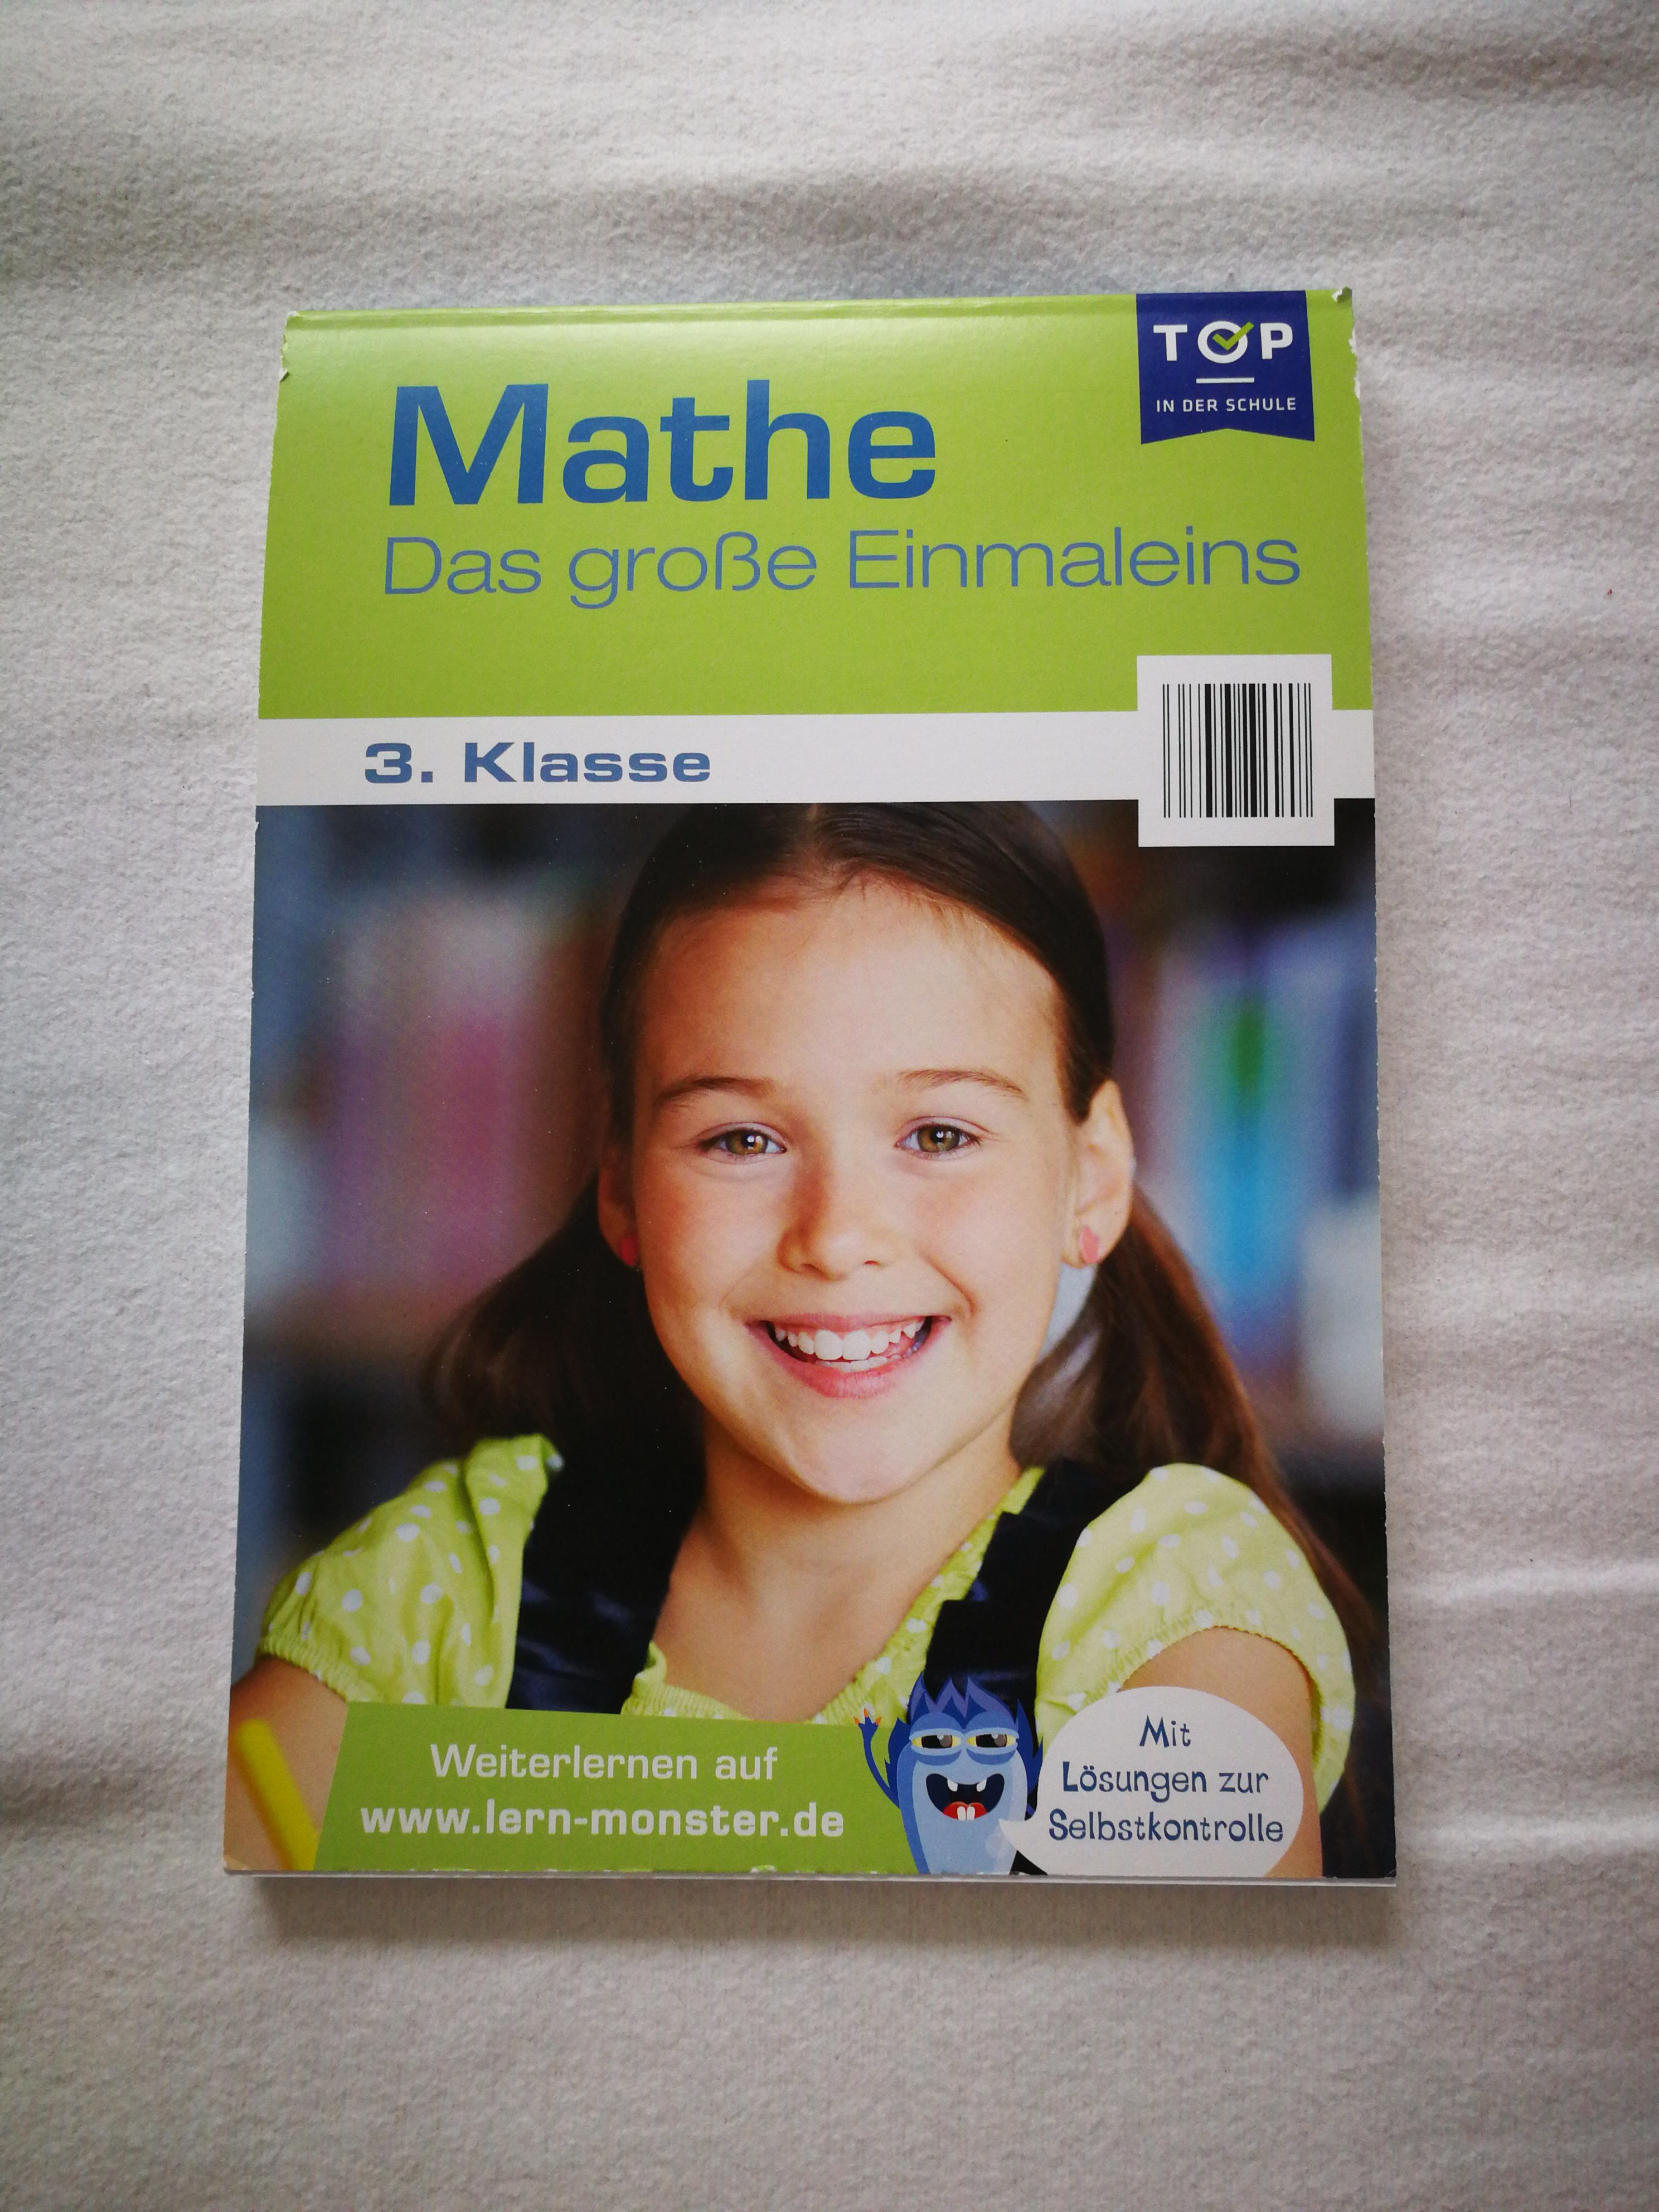 Mathe 4.Klasse ungenutzt  tauschen